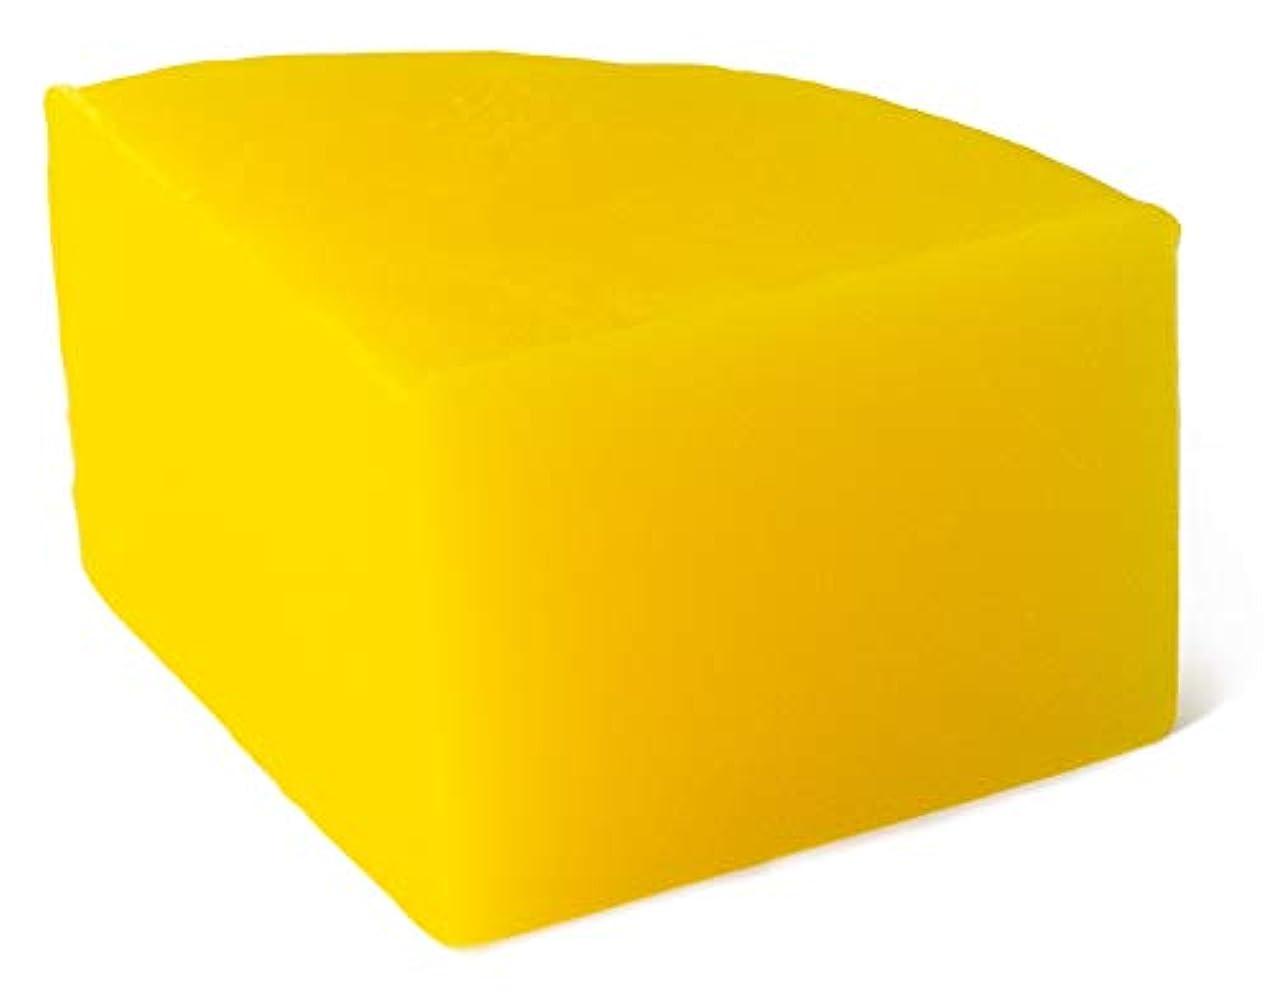 くま巻き戻すモートグリセリン クリアソープ 色チップ 黄 25g (MPソープ)